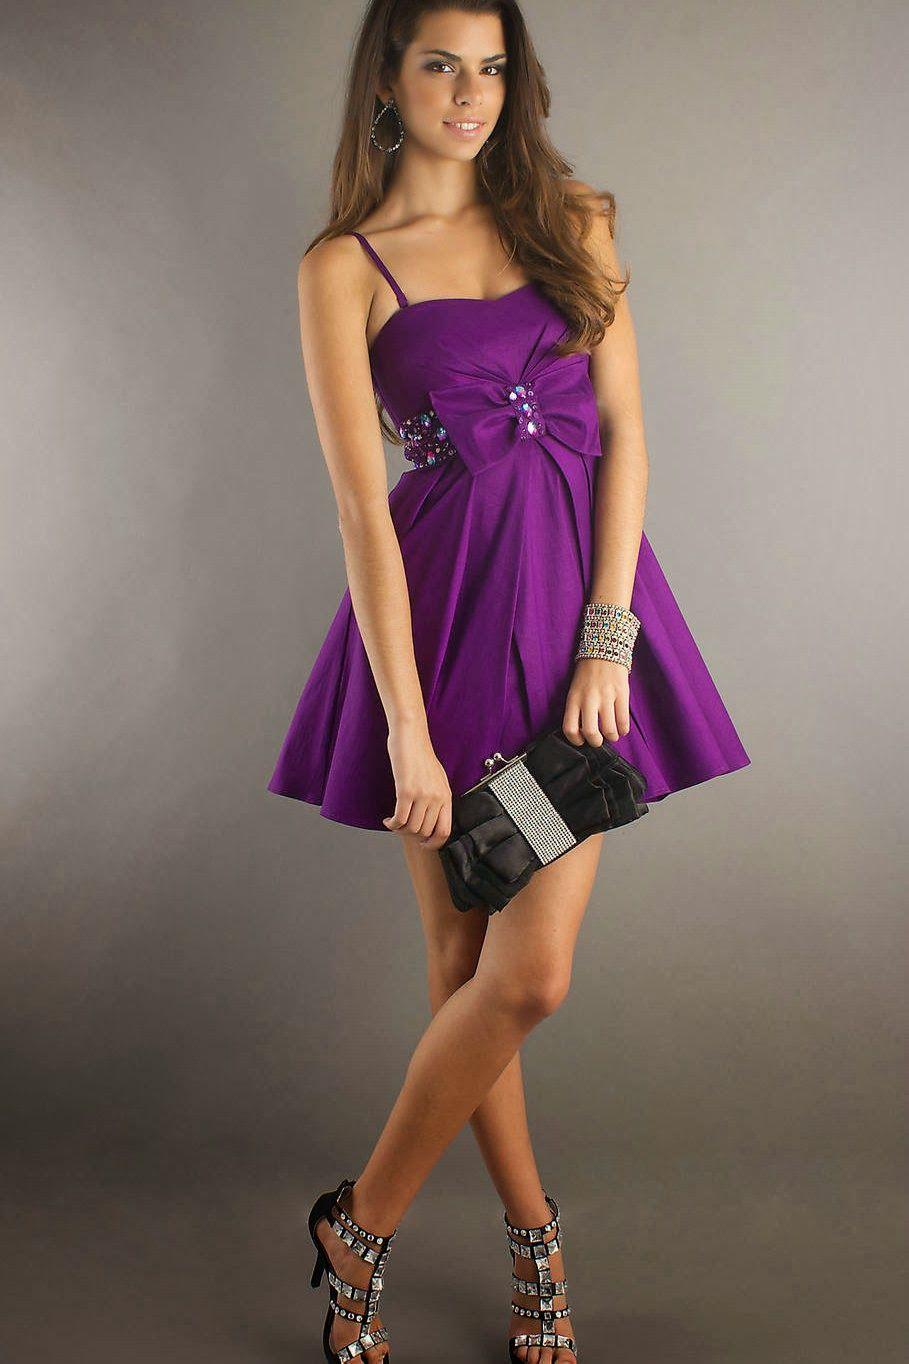 Imagenes de chicas con vestidos elegantes